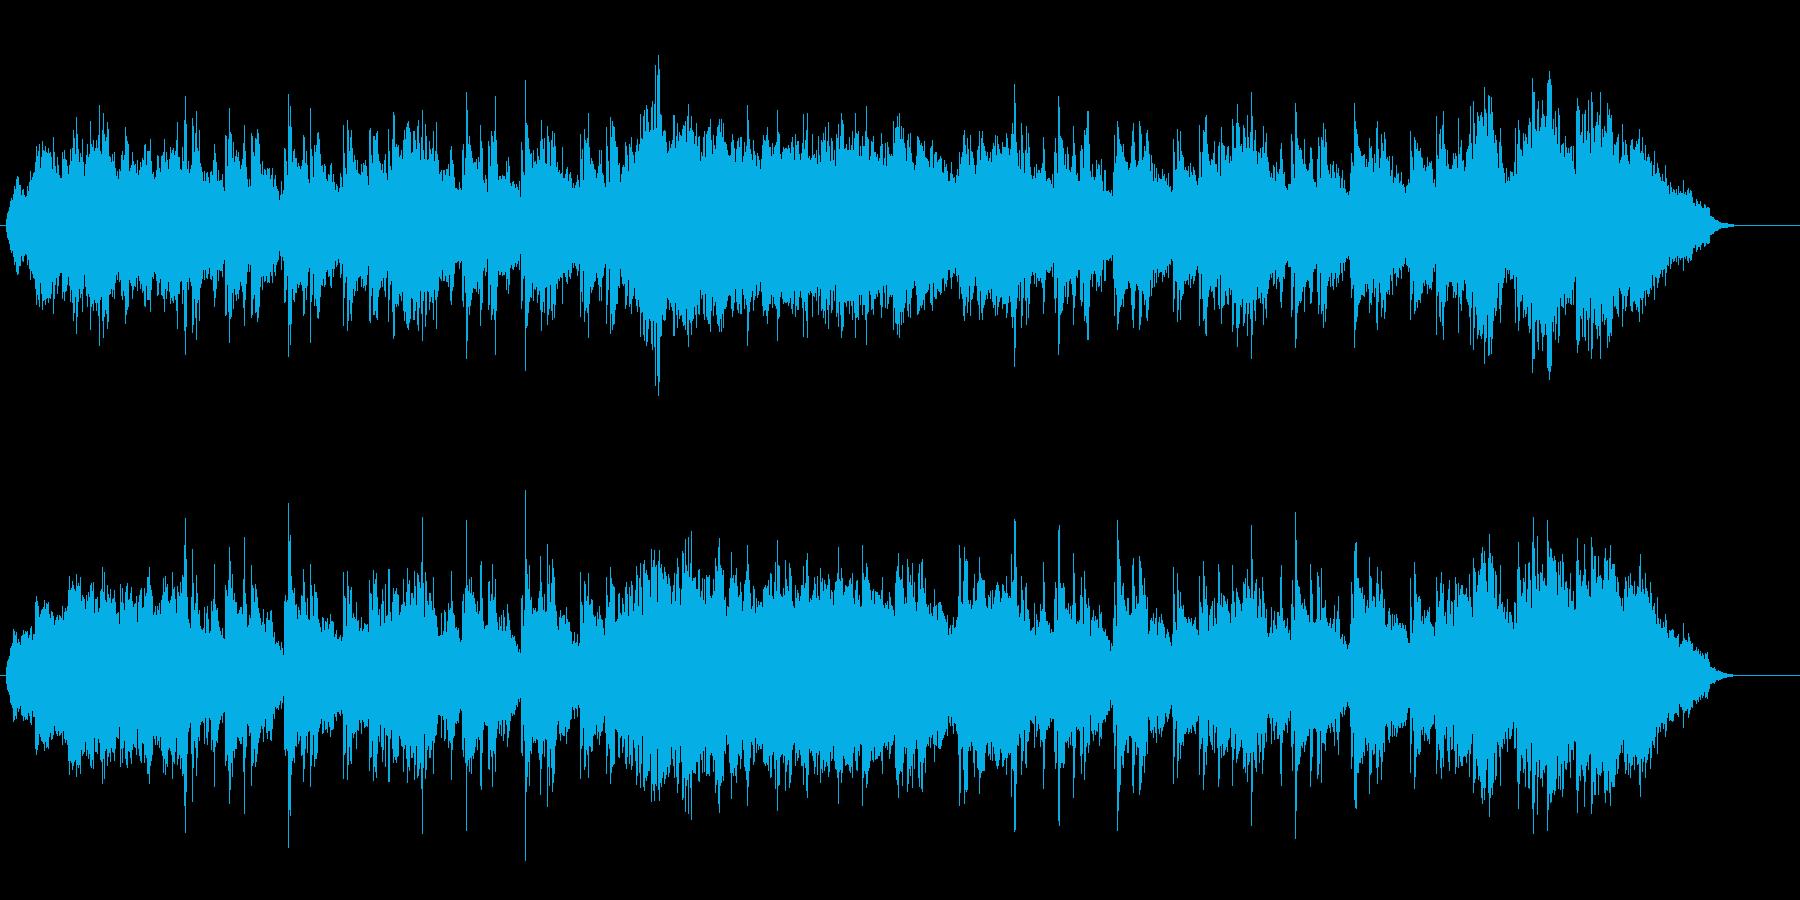 目眩をともなうイリュージョンの不思議音楽の再生済みの波形